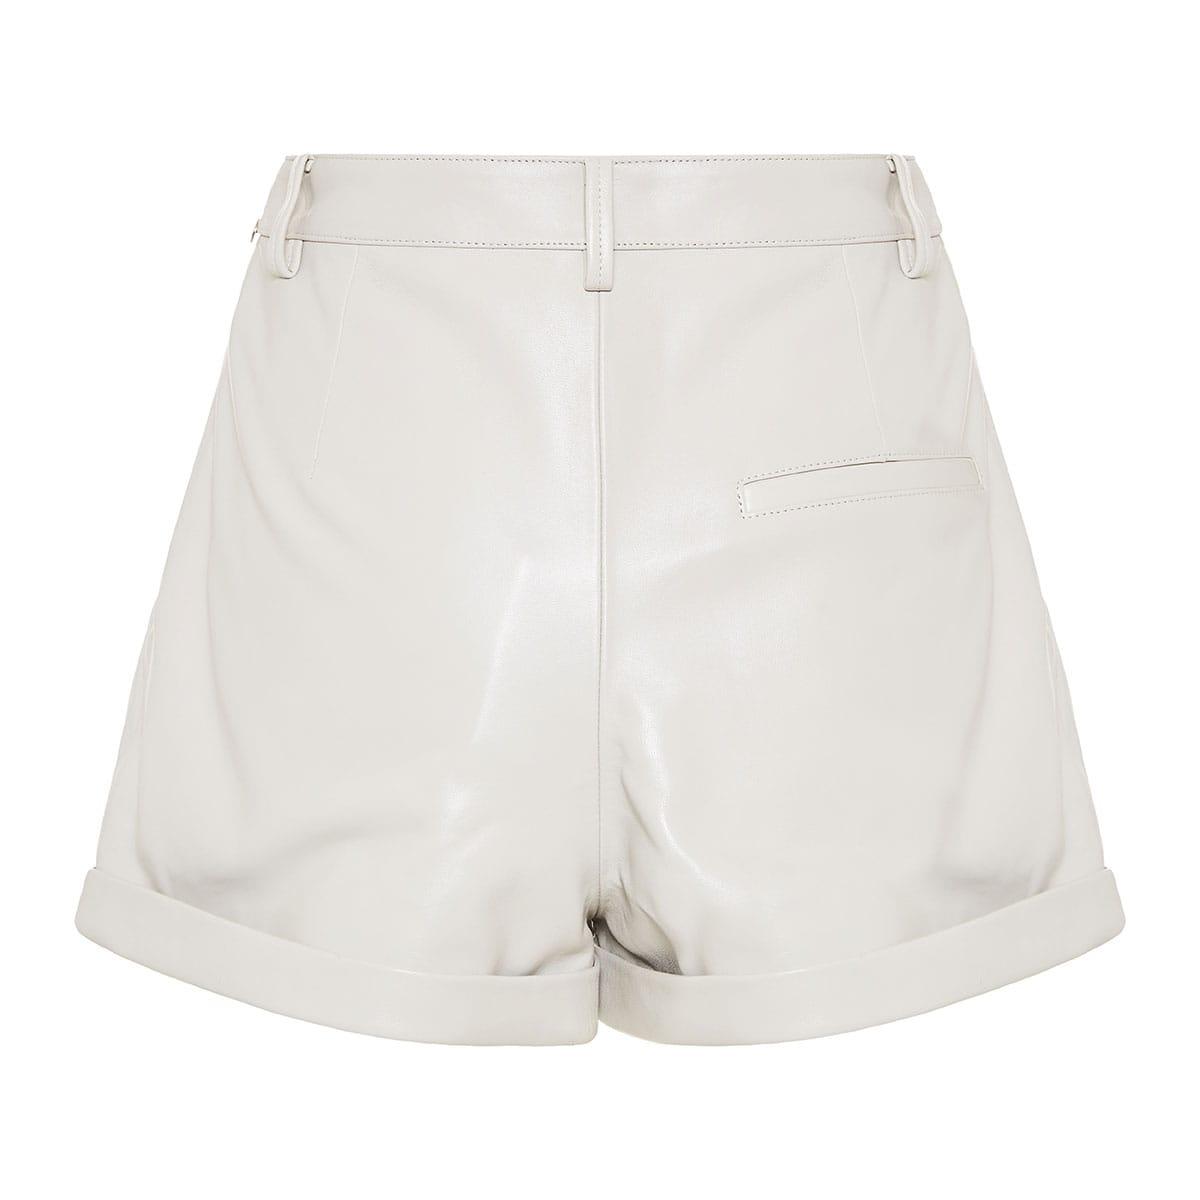 Fabot leather shorts